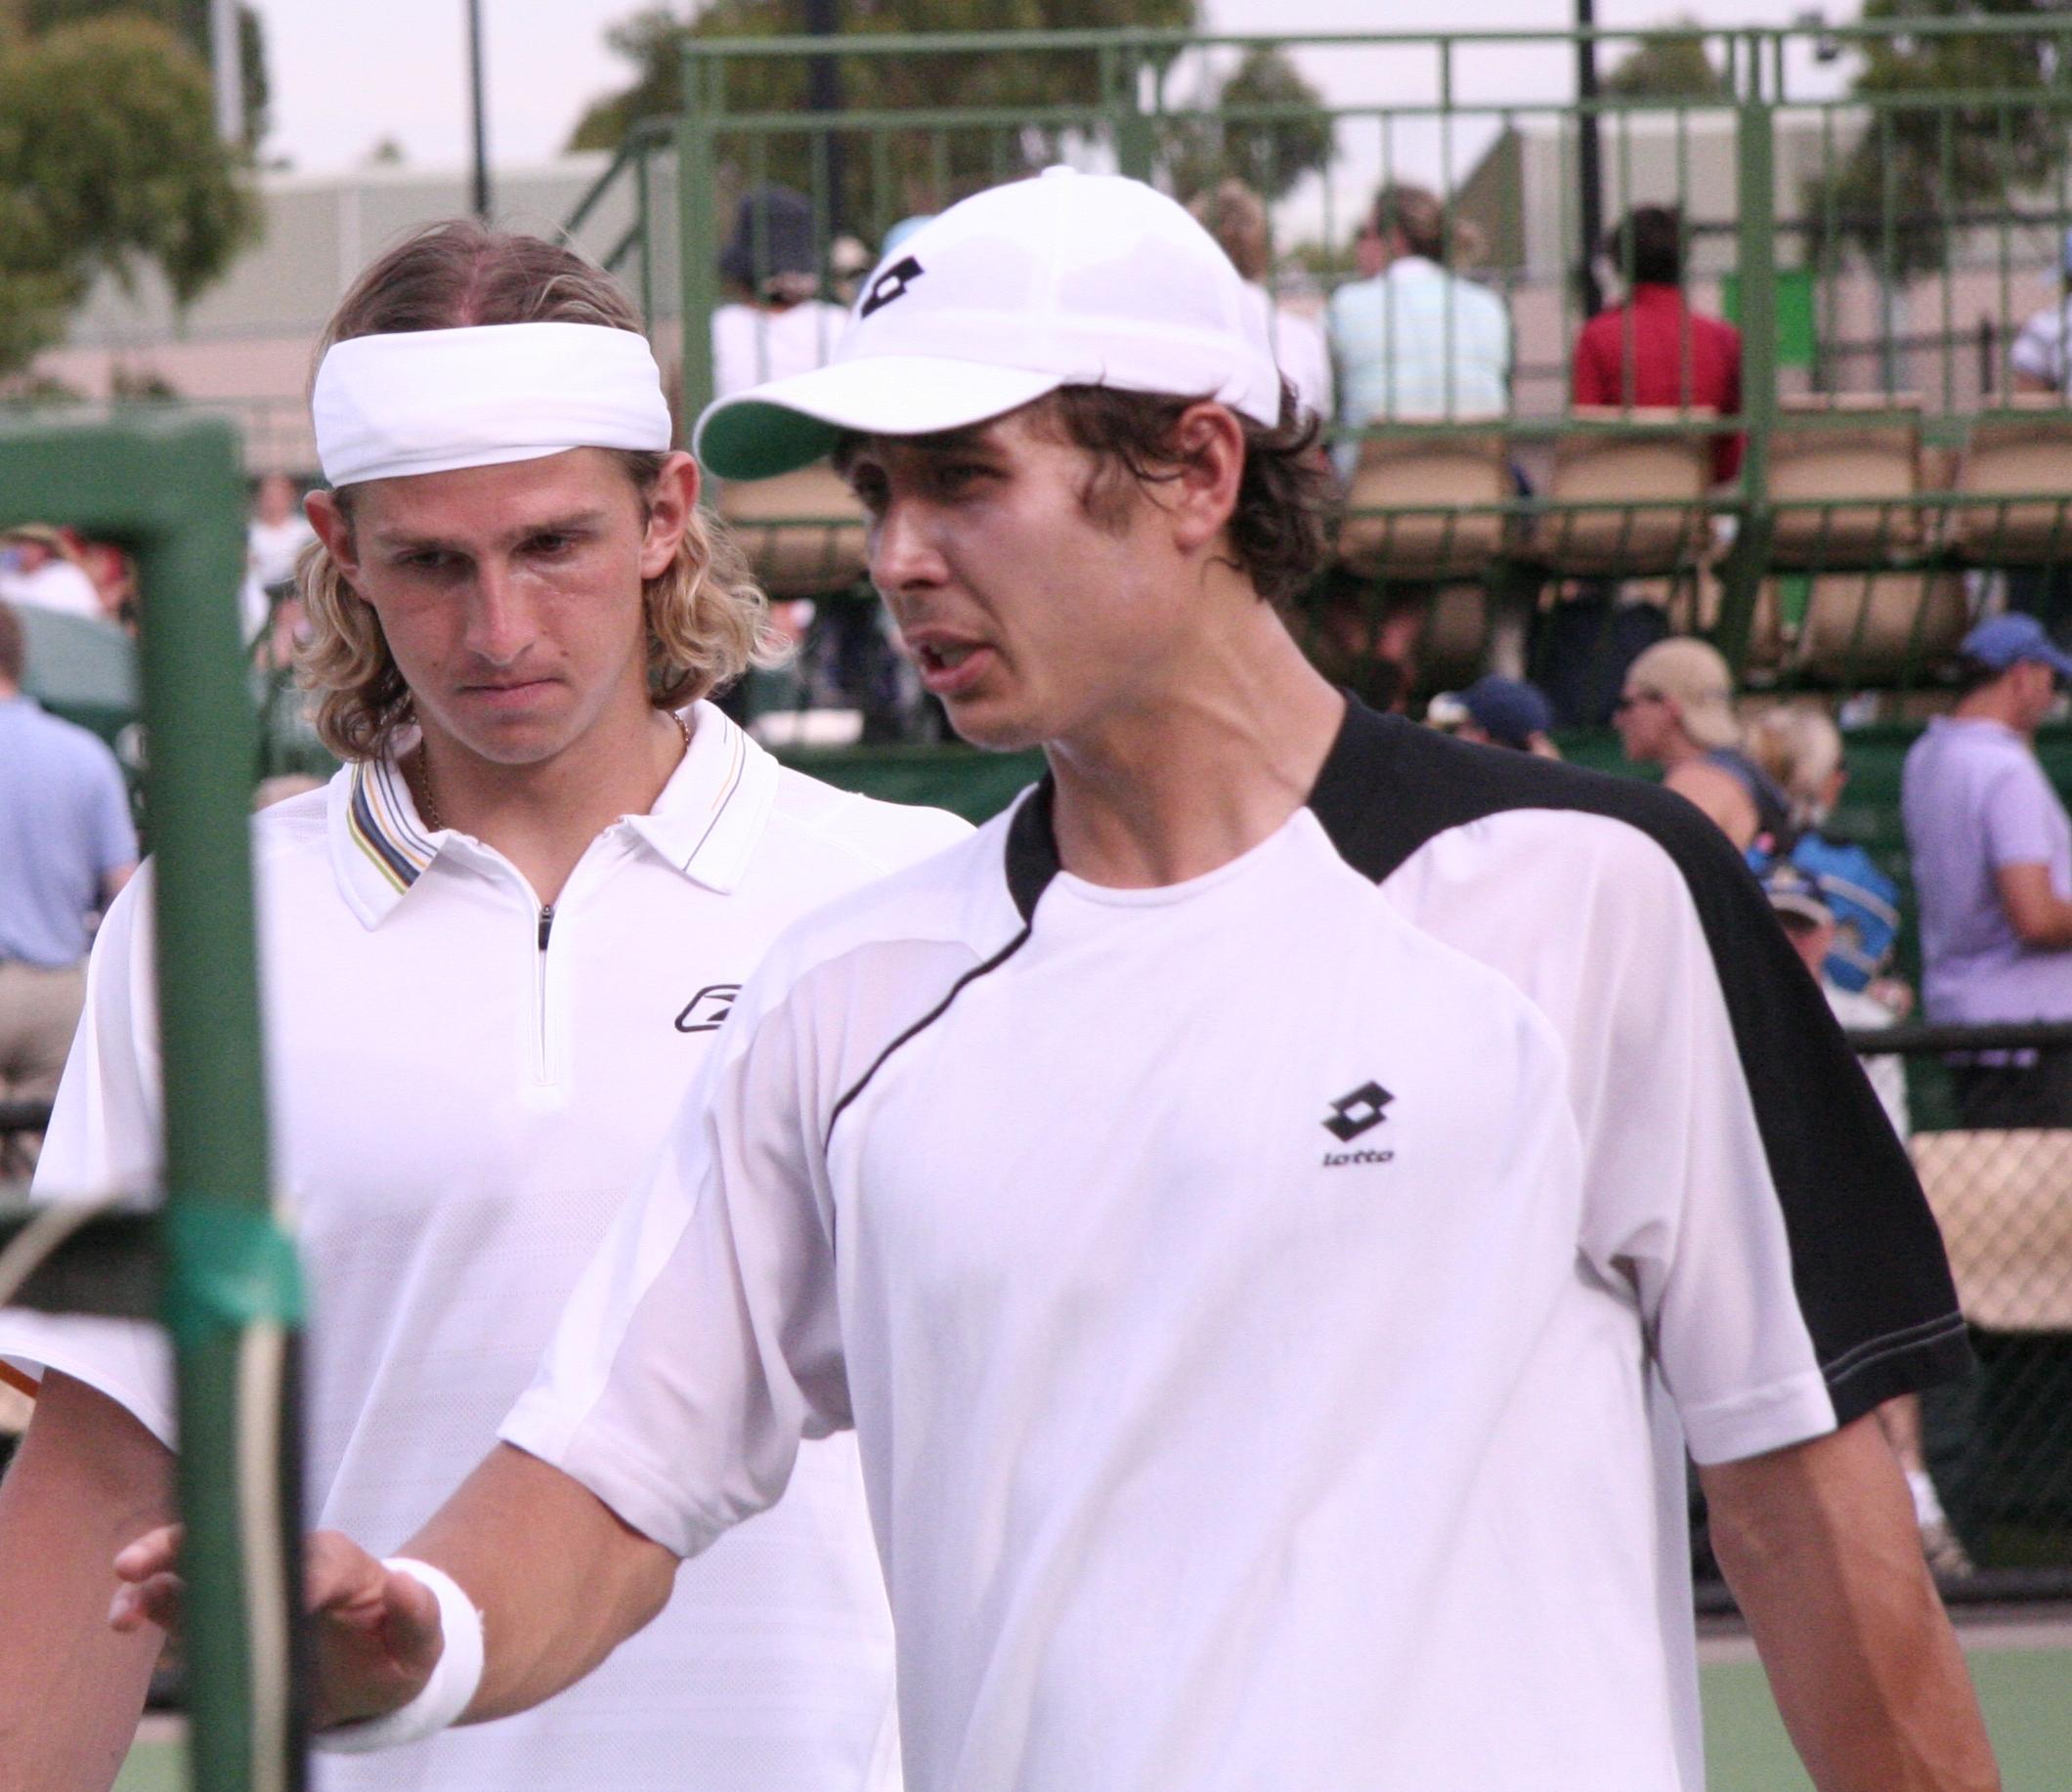 File:Andreev, Kunitsyn 2007 Australian Open mens doubles ...